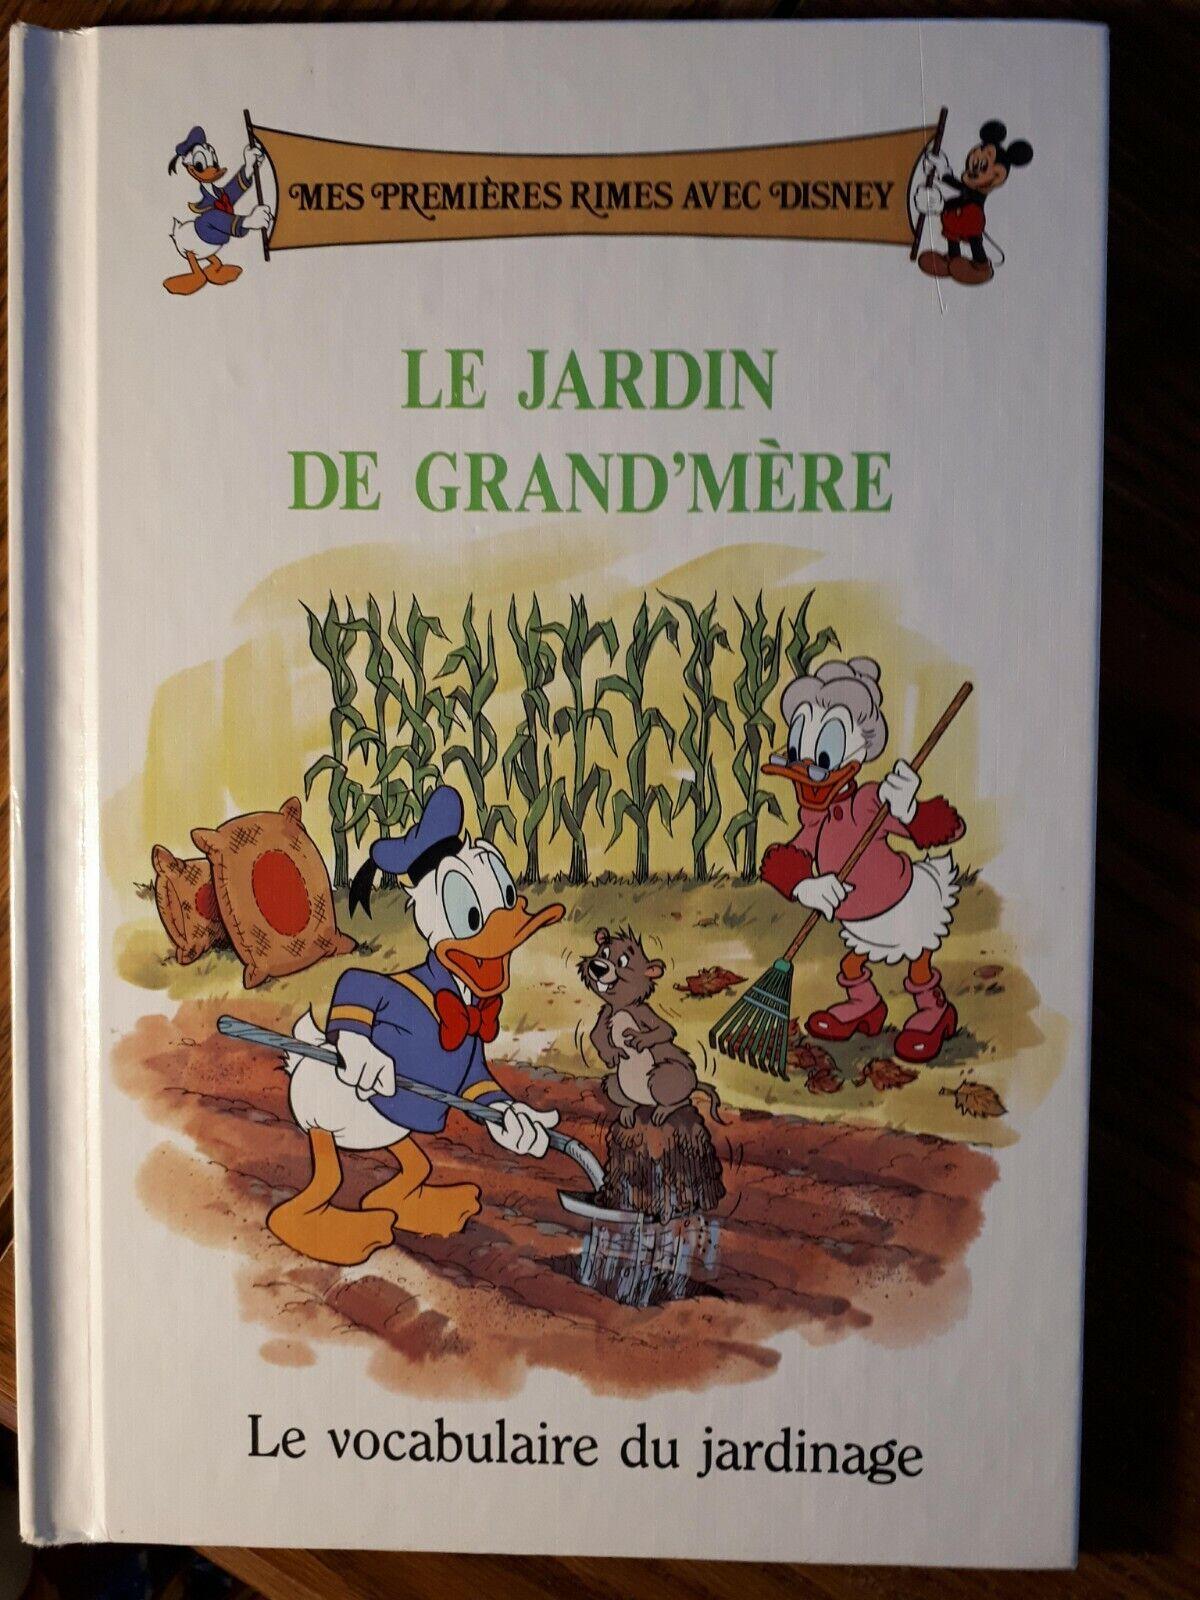 Le Jardin De Grand Mere choose livre, disney, mes premiÈres avec disney, 1990s, en français  ,vocabulaire